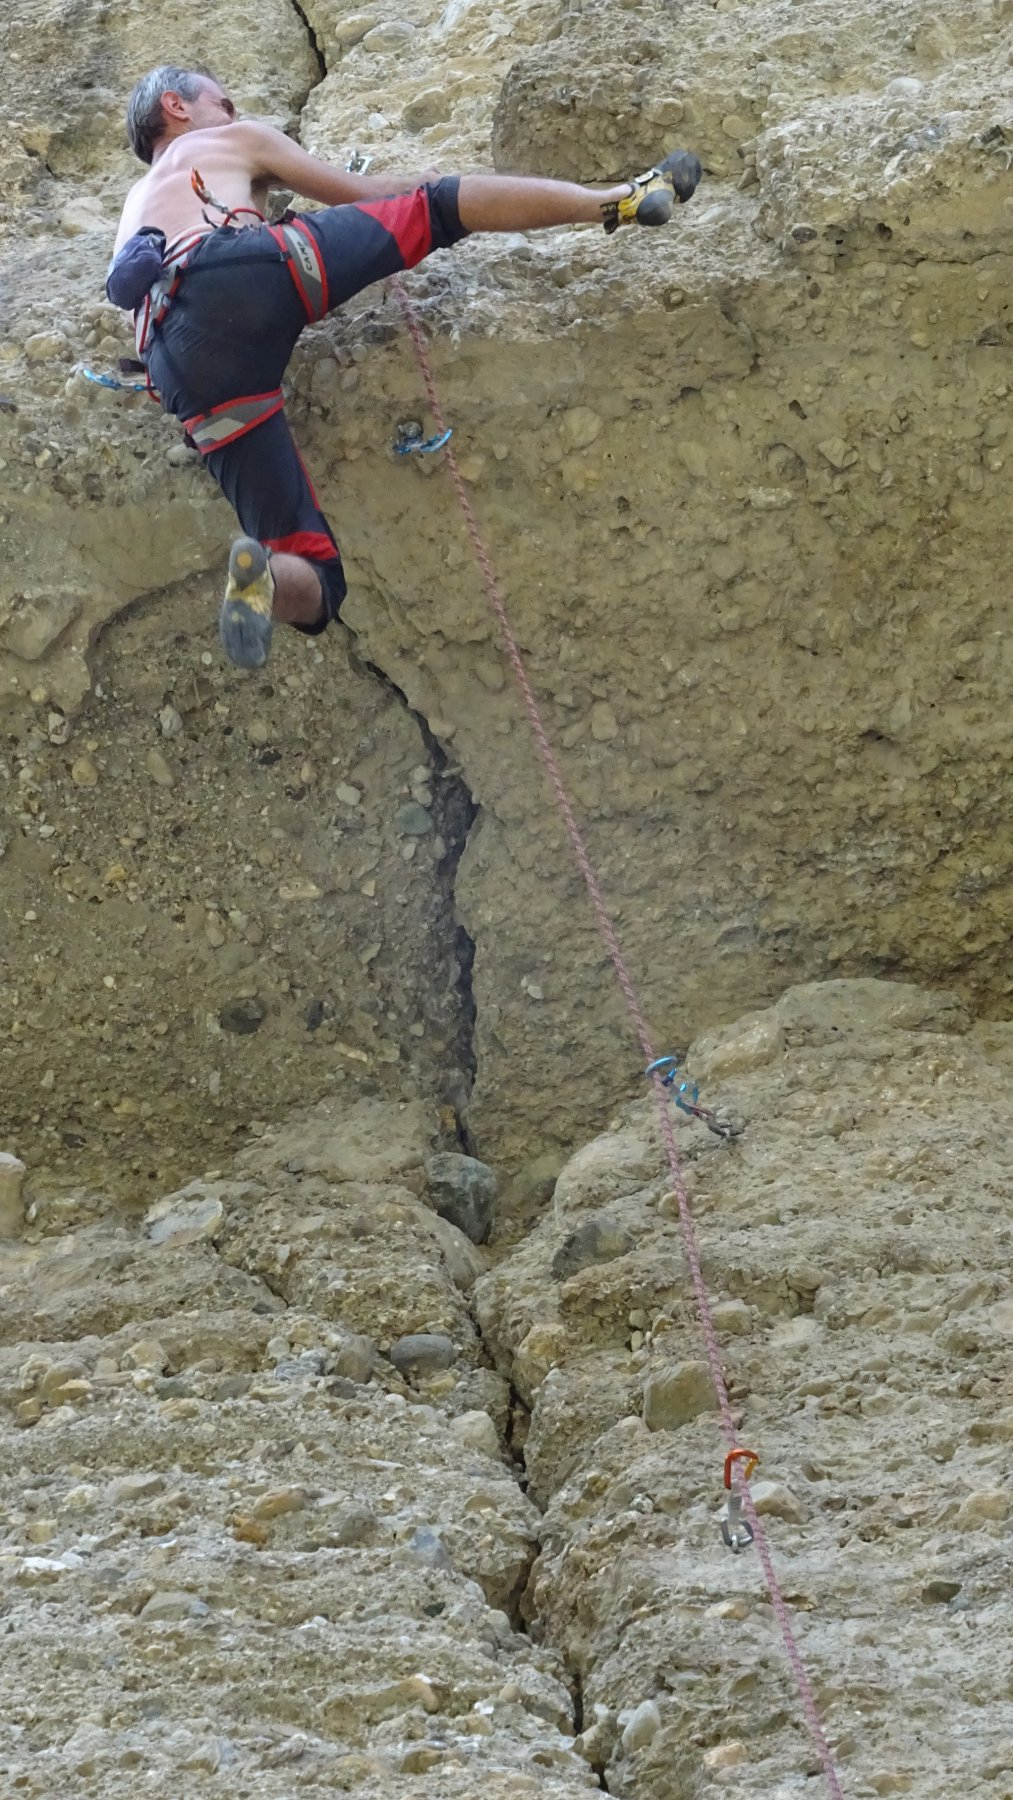 Sezione jump